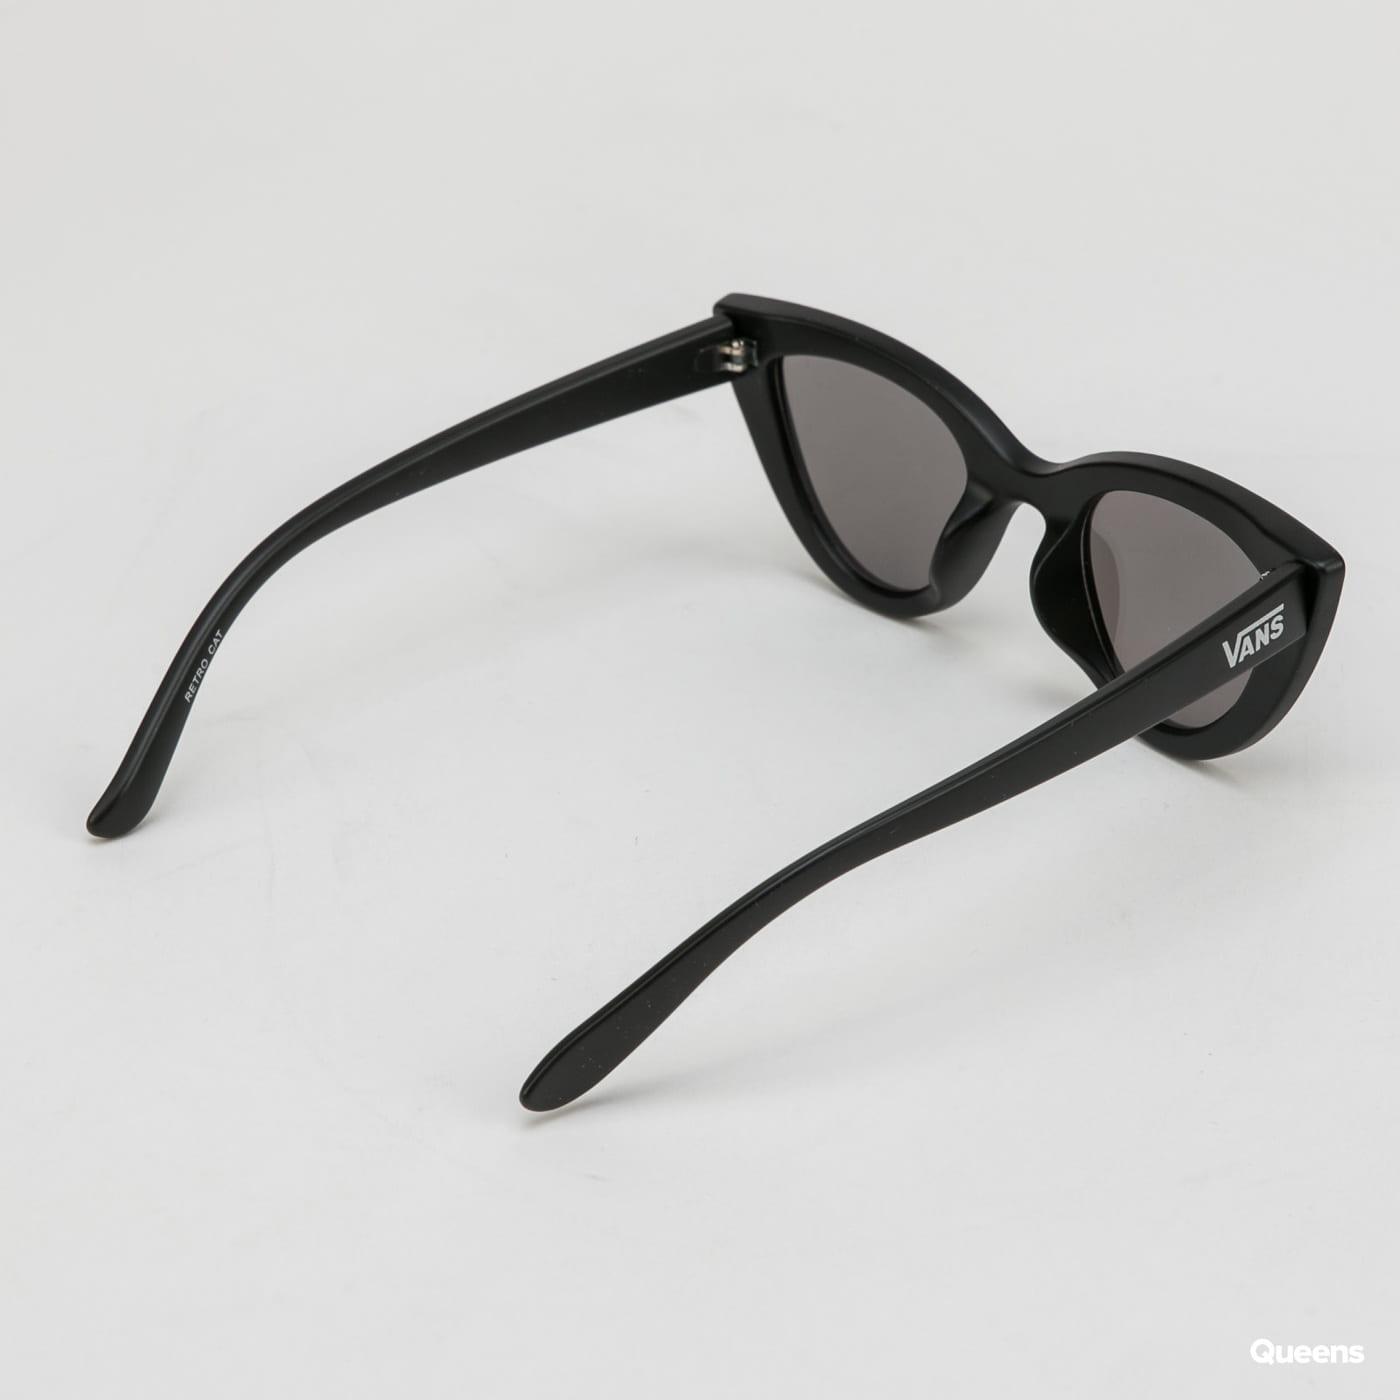 Vans WM Retro Cat Sunglasses black / silver